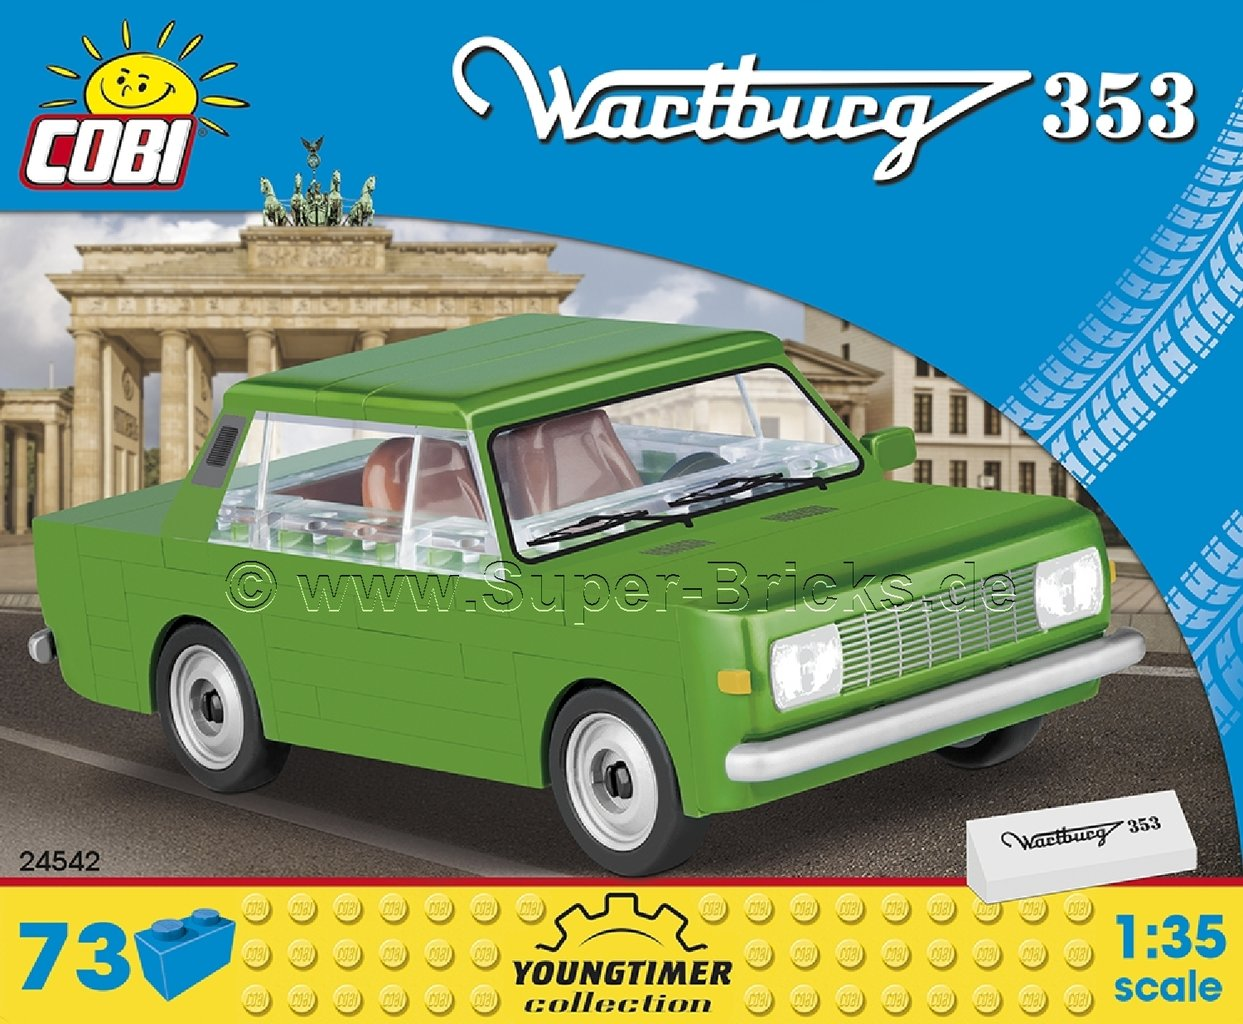 Super-Bricks.de++ Cobi 24542 - Wartburg 353 (73 Teile)